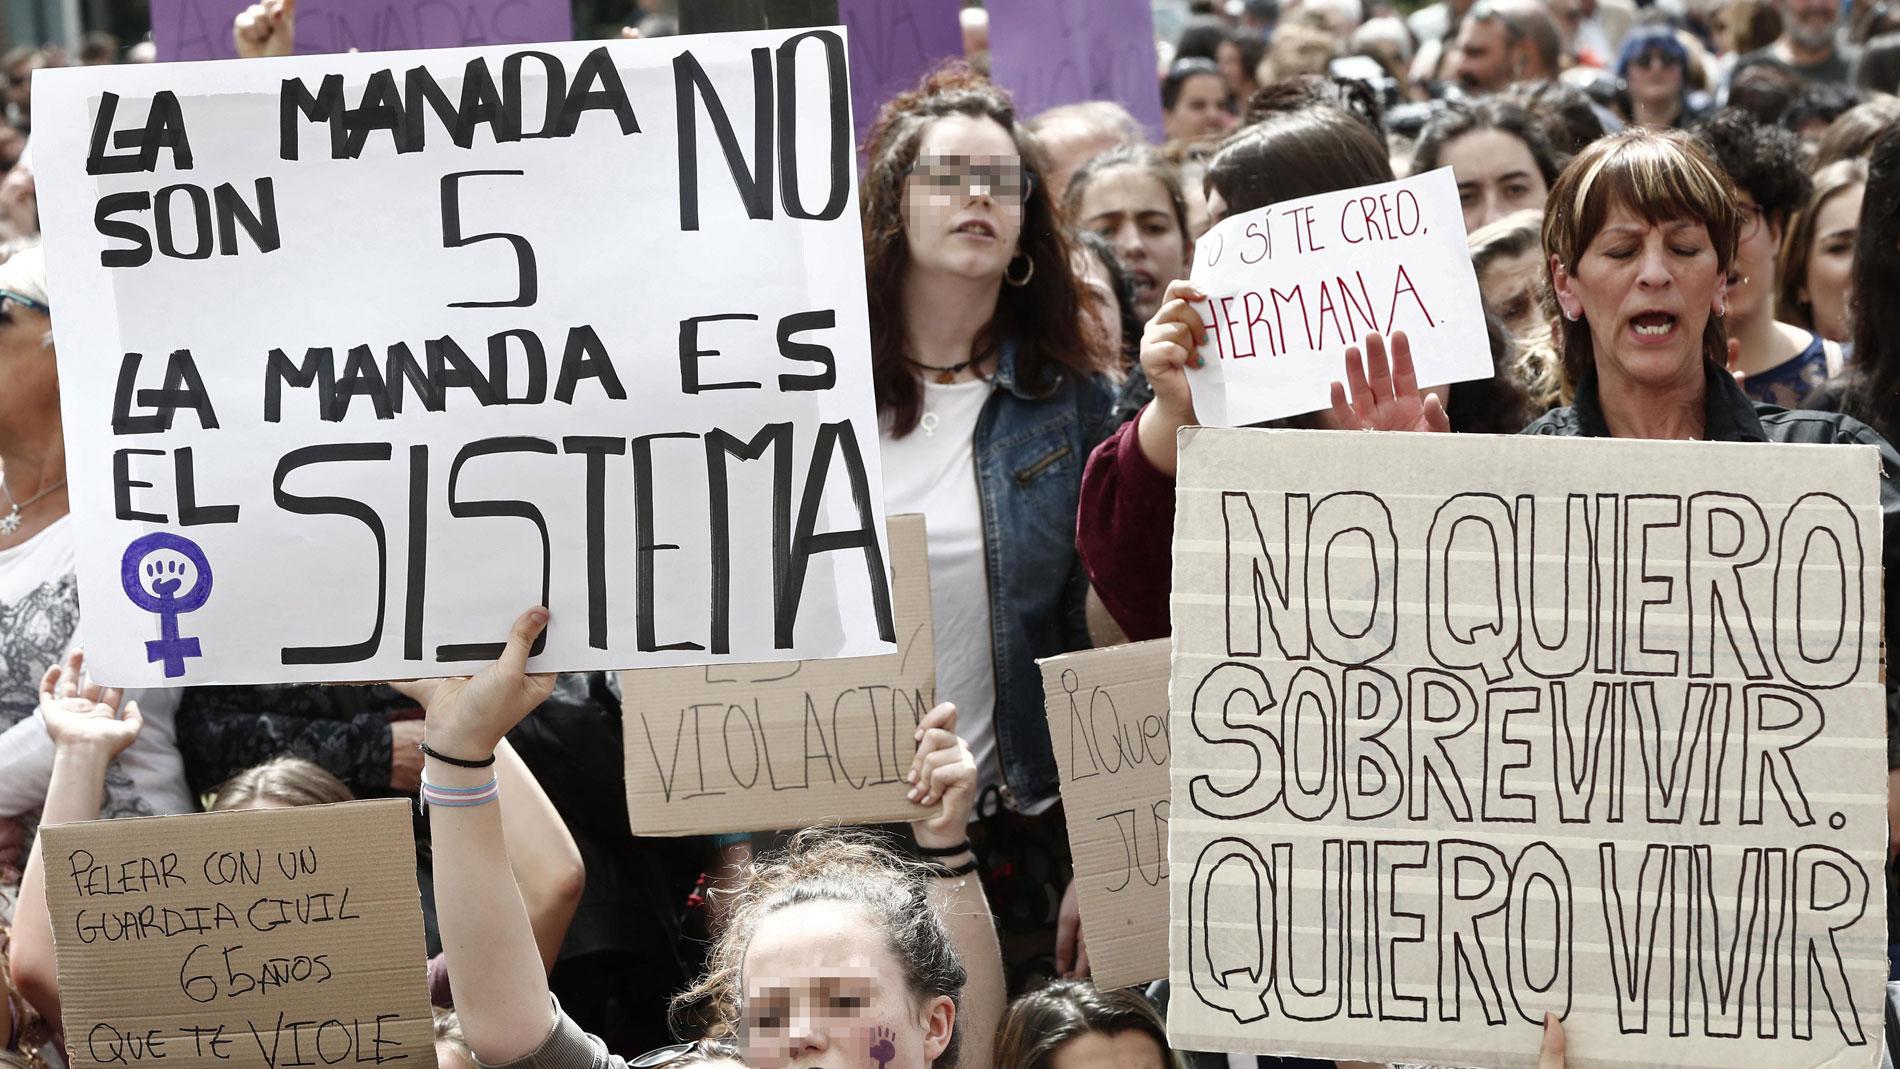 Protestas contra los jueces que absolvieron a La Manada de violación. RTVE